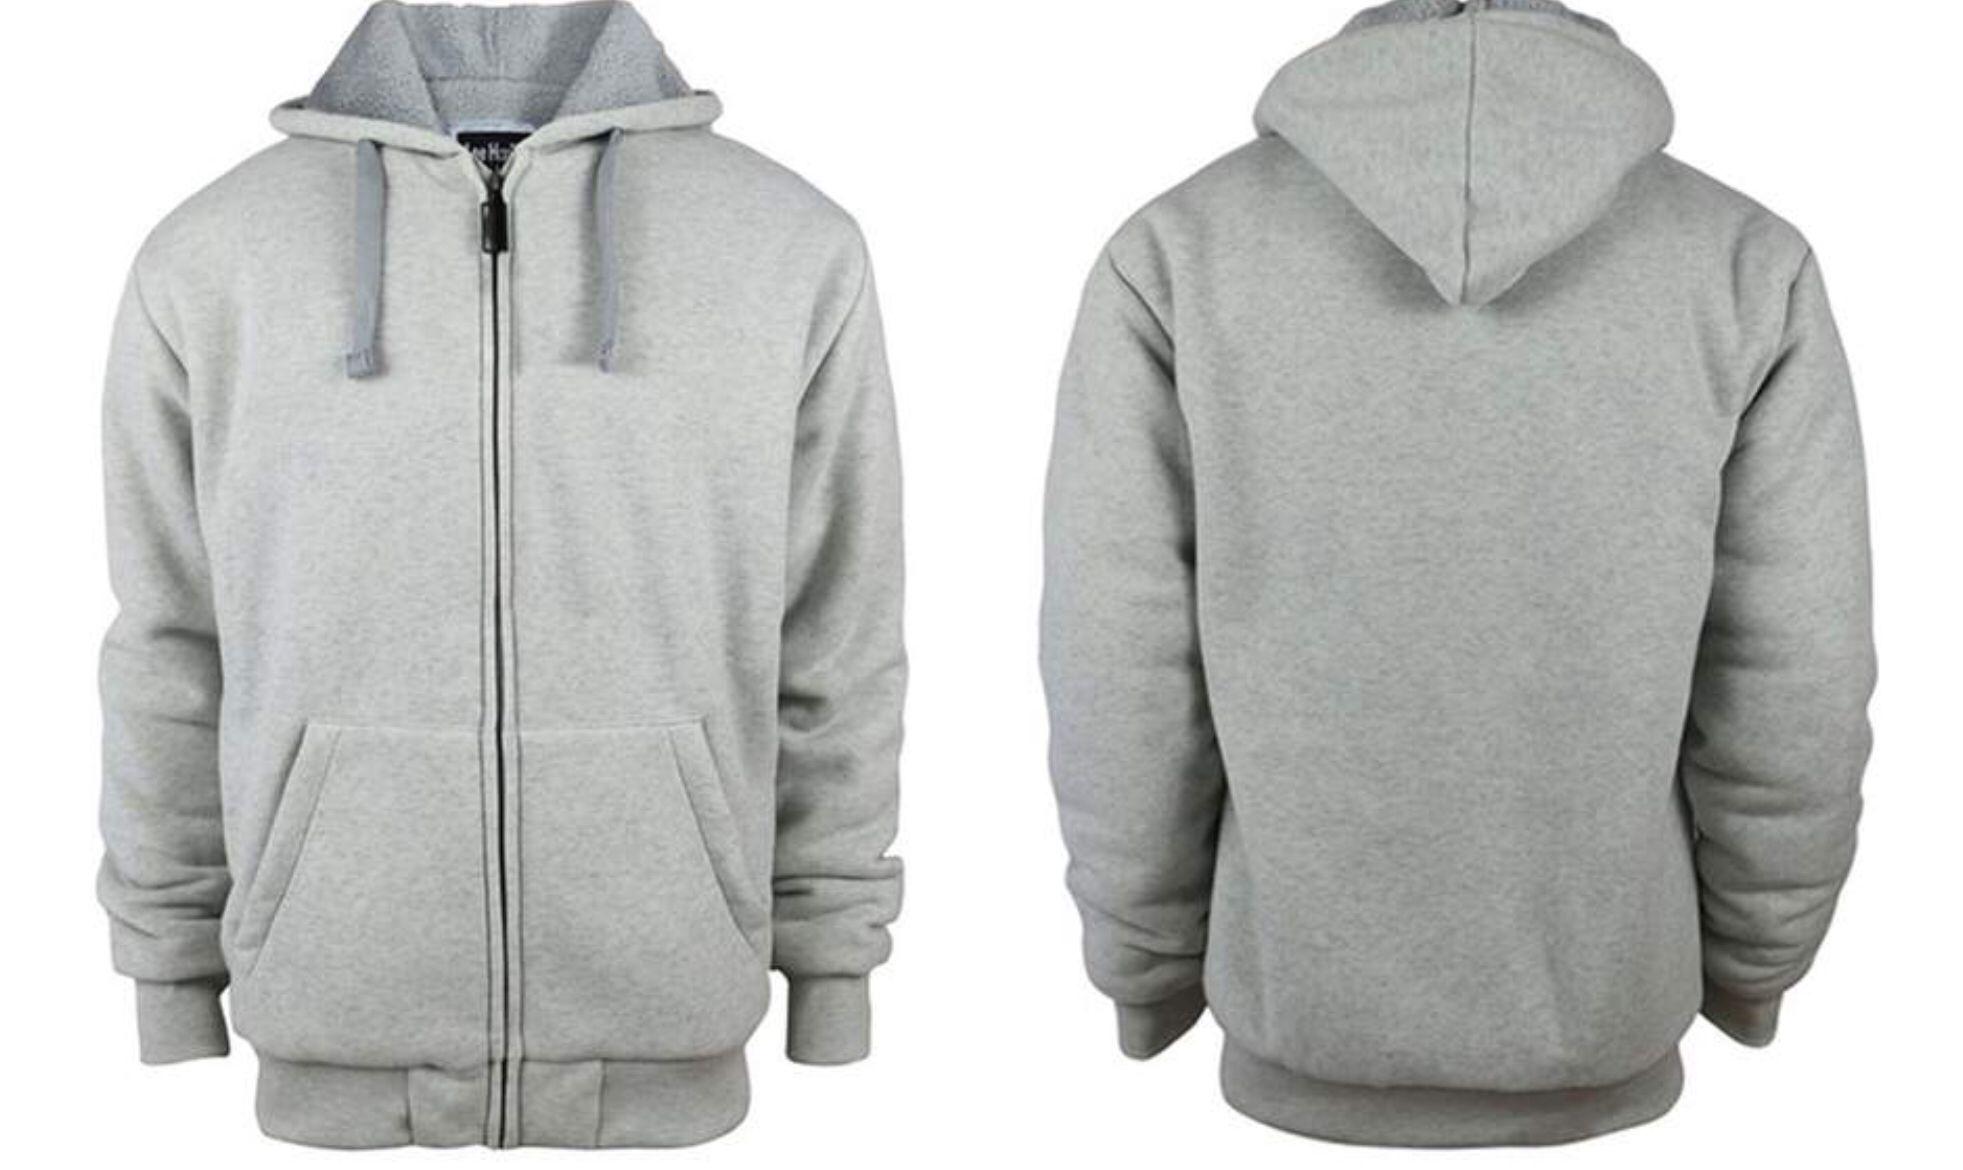 Recipe Jackets Sherpa Lined Jacket Mens Sportswear [ 1170 x 1963 Pixel ]